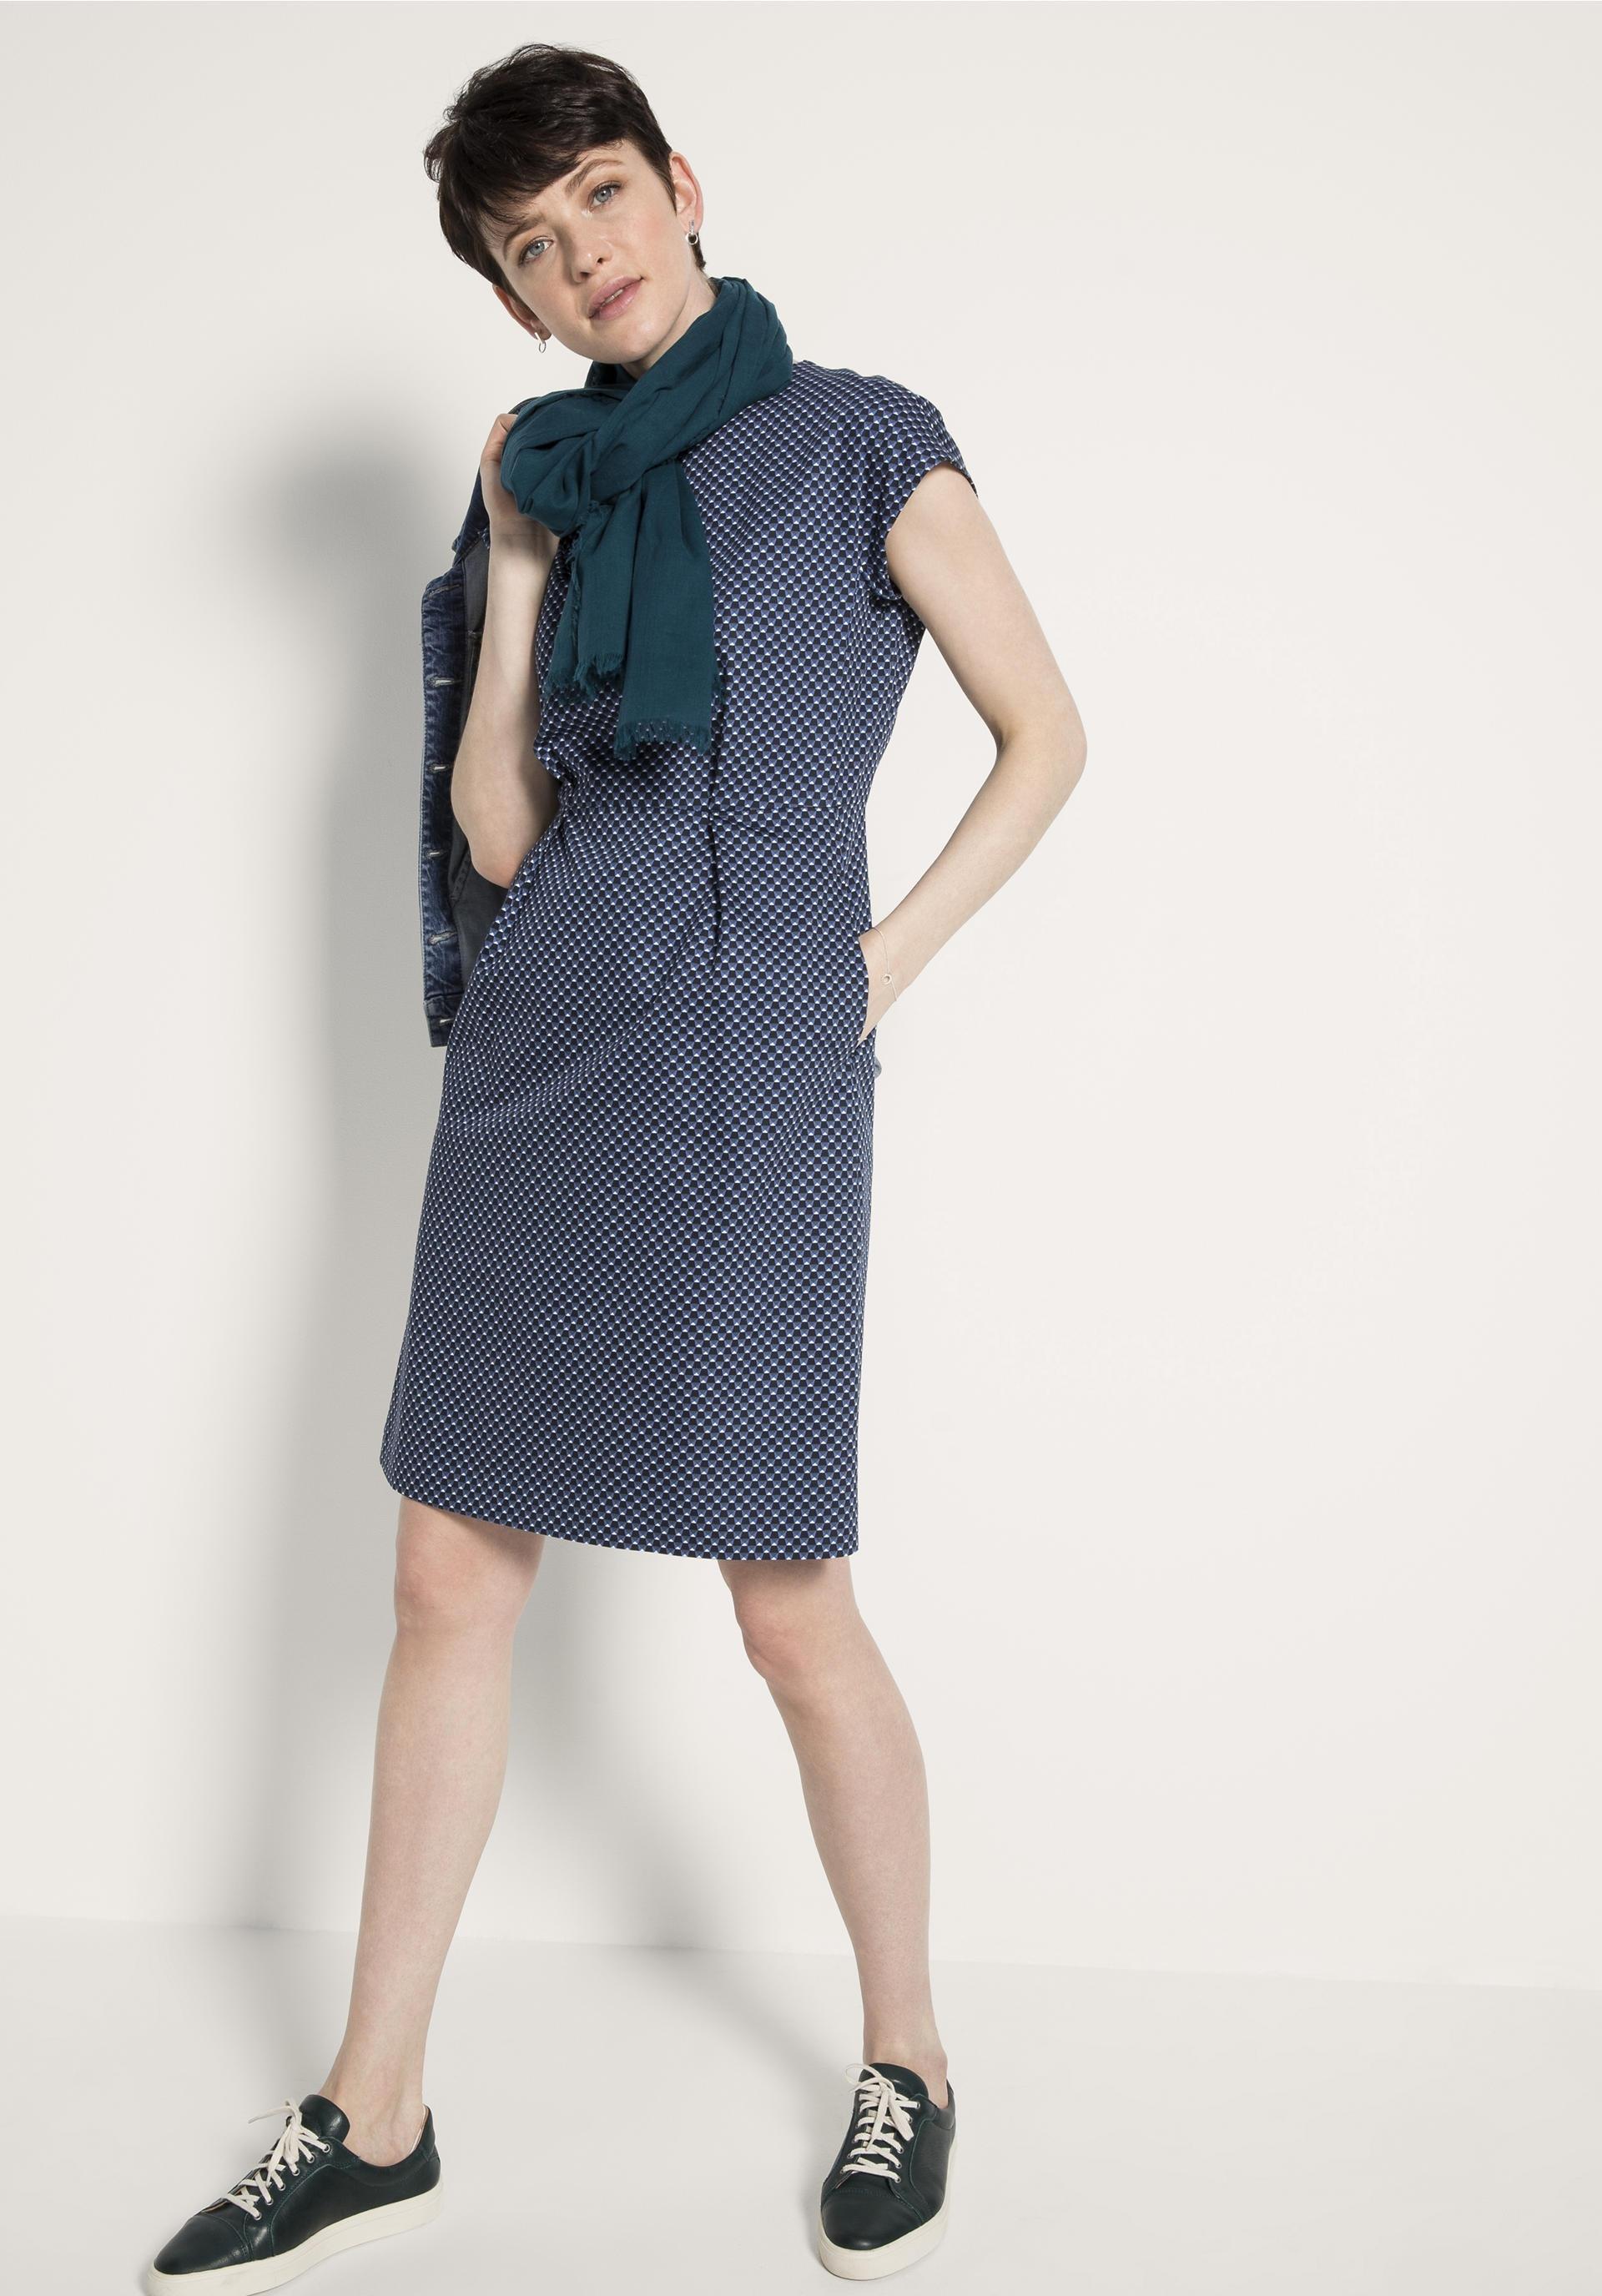 17 Genial Kniebedeckte Kleider Design Einzigartig Kniebedeckte Kleider Ärmel